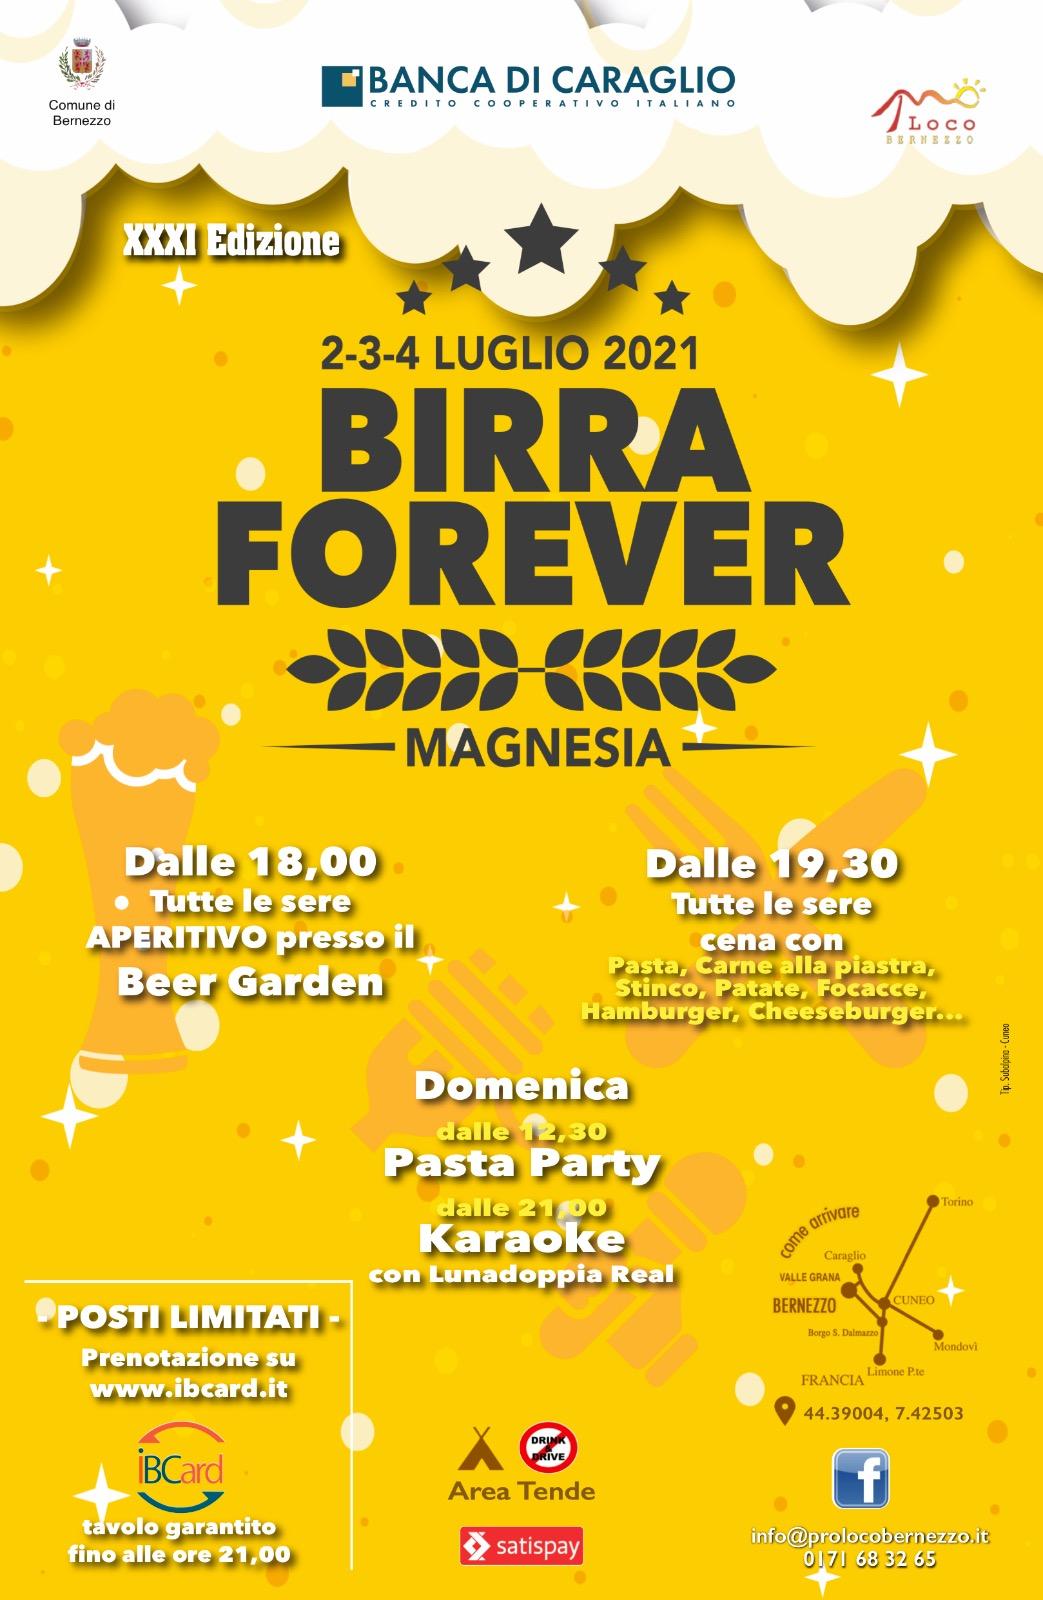 03 BIRRA FOREVER - MAGNESIA